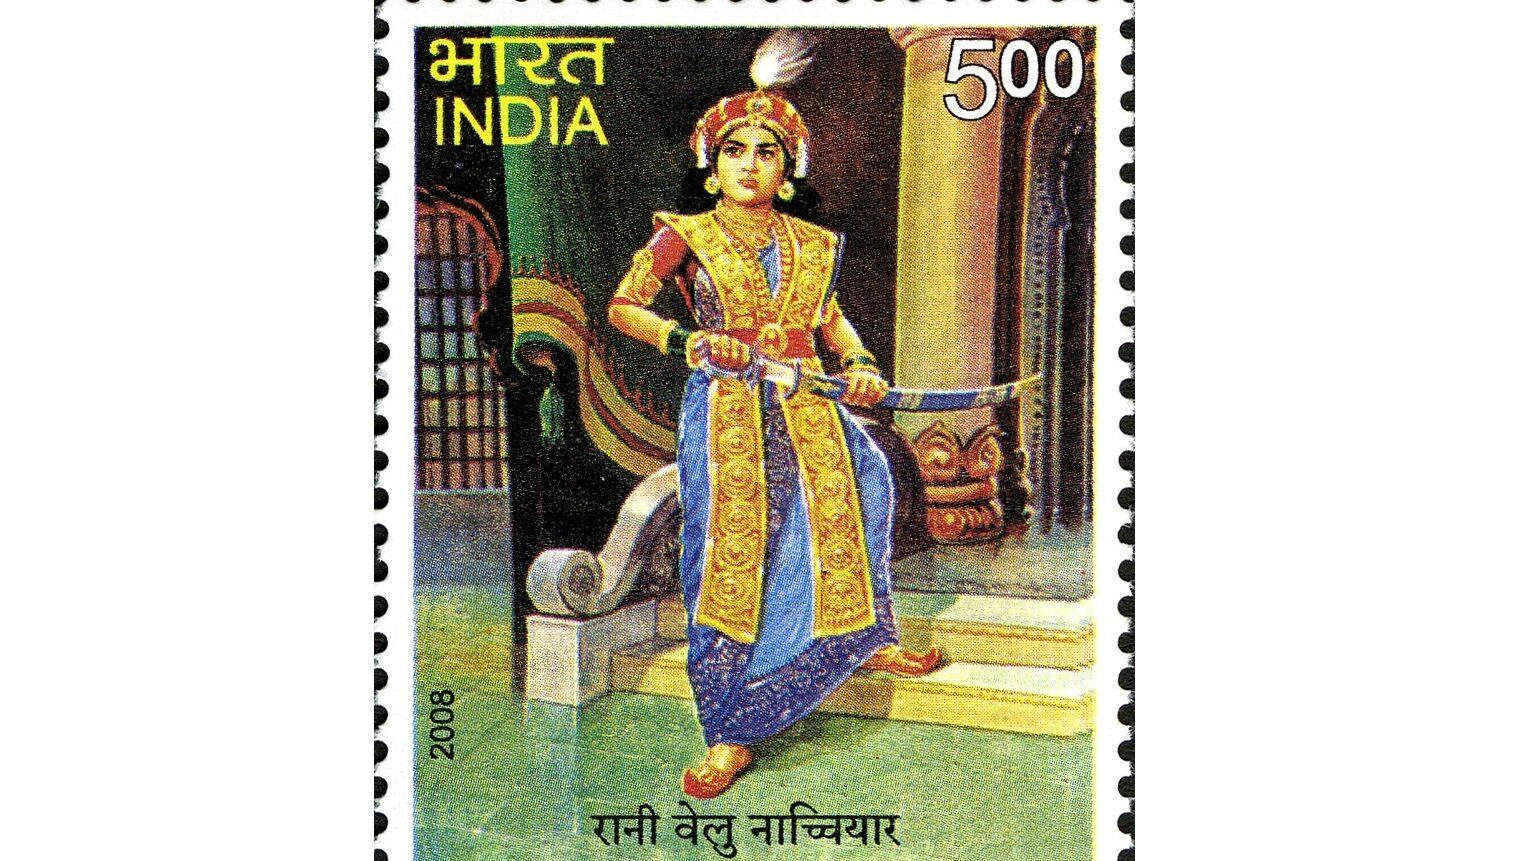 वेलु नचियार: अंग्रेज़ों से लोहा लेने वाली पहली भारतीय रानी